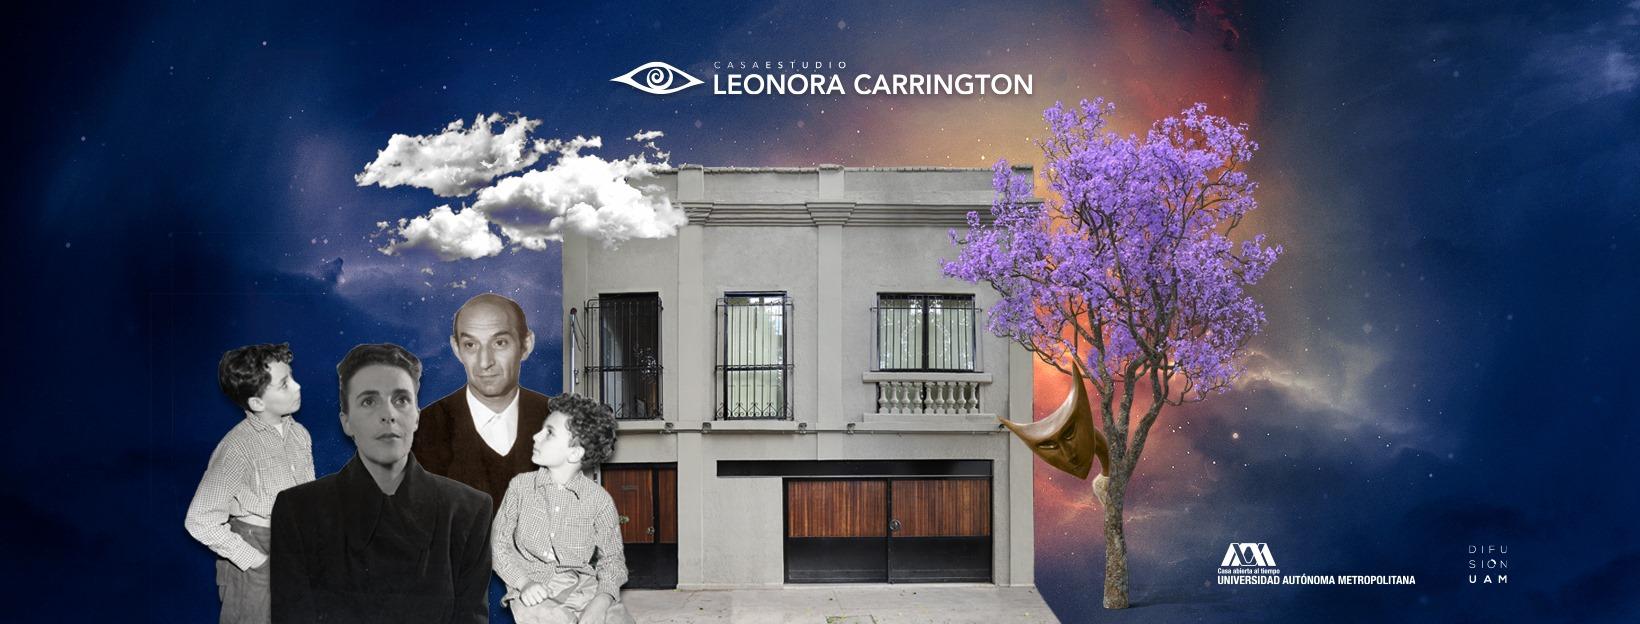 Excelente sitio web en La Casa de Leonora Carrington